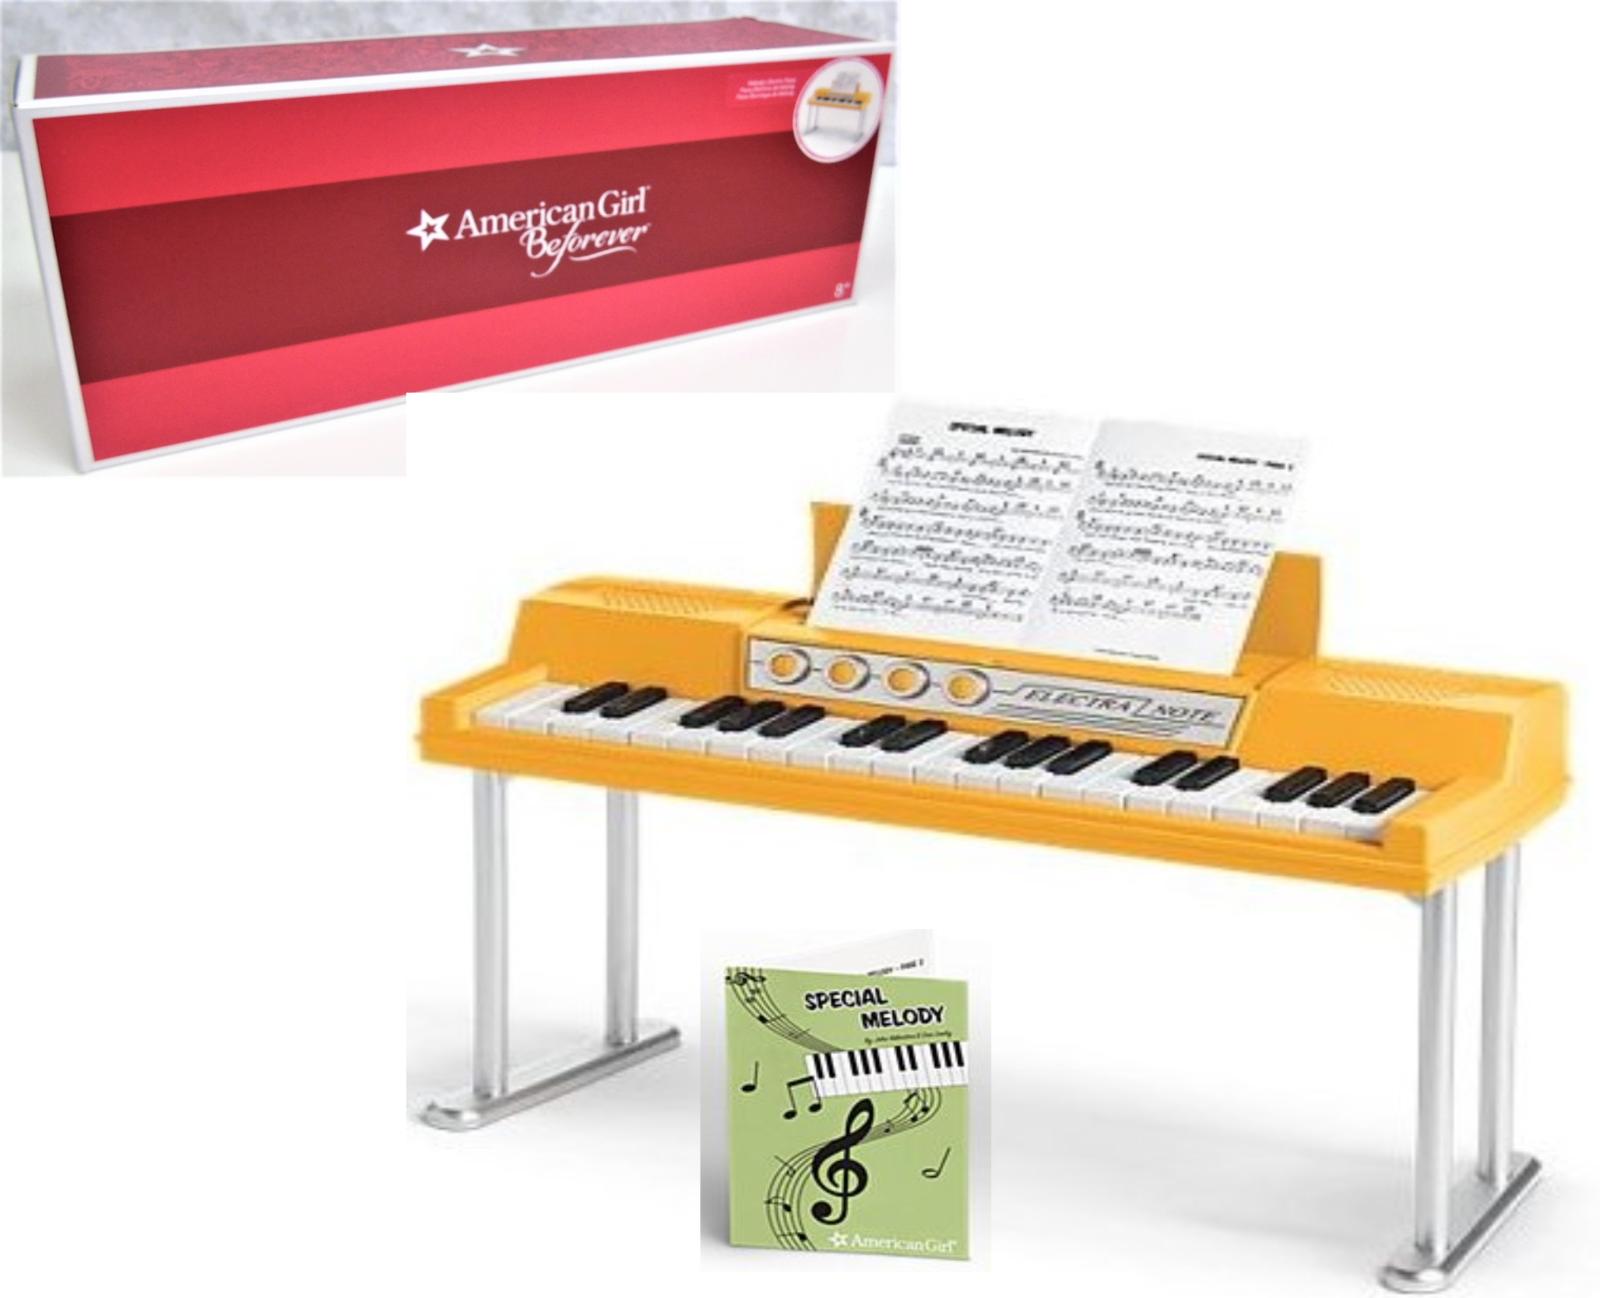 Neuer American Girl Puppe MELODY'S Elektrische Klavier Orgel Spielt Musik